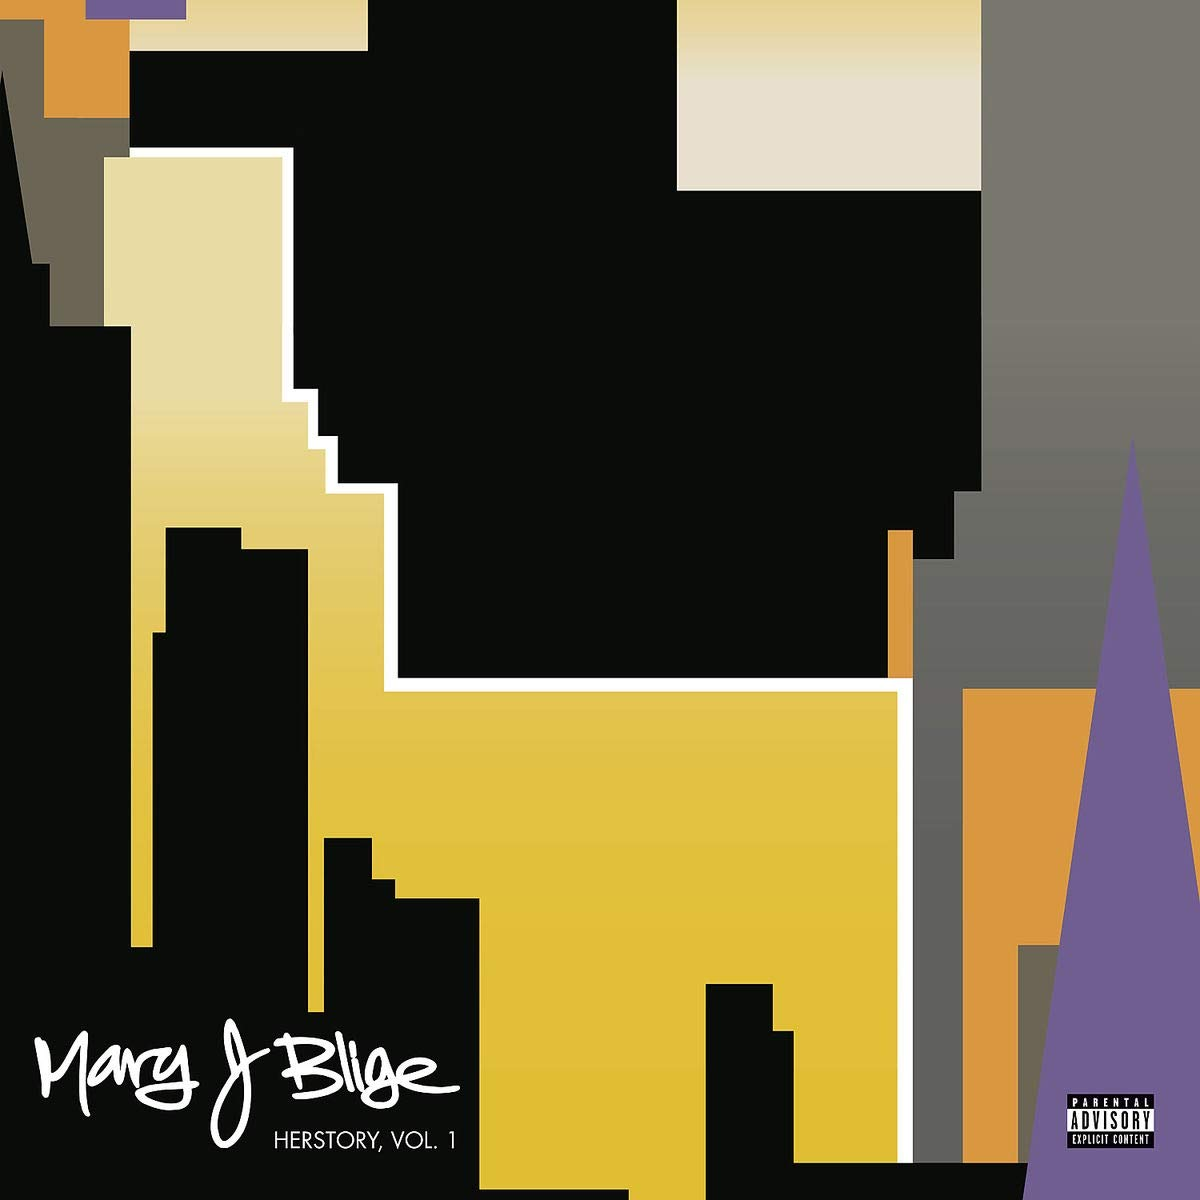 Mary J Blige Music